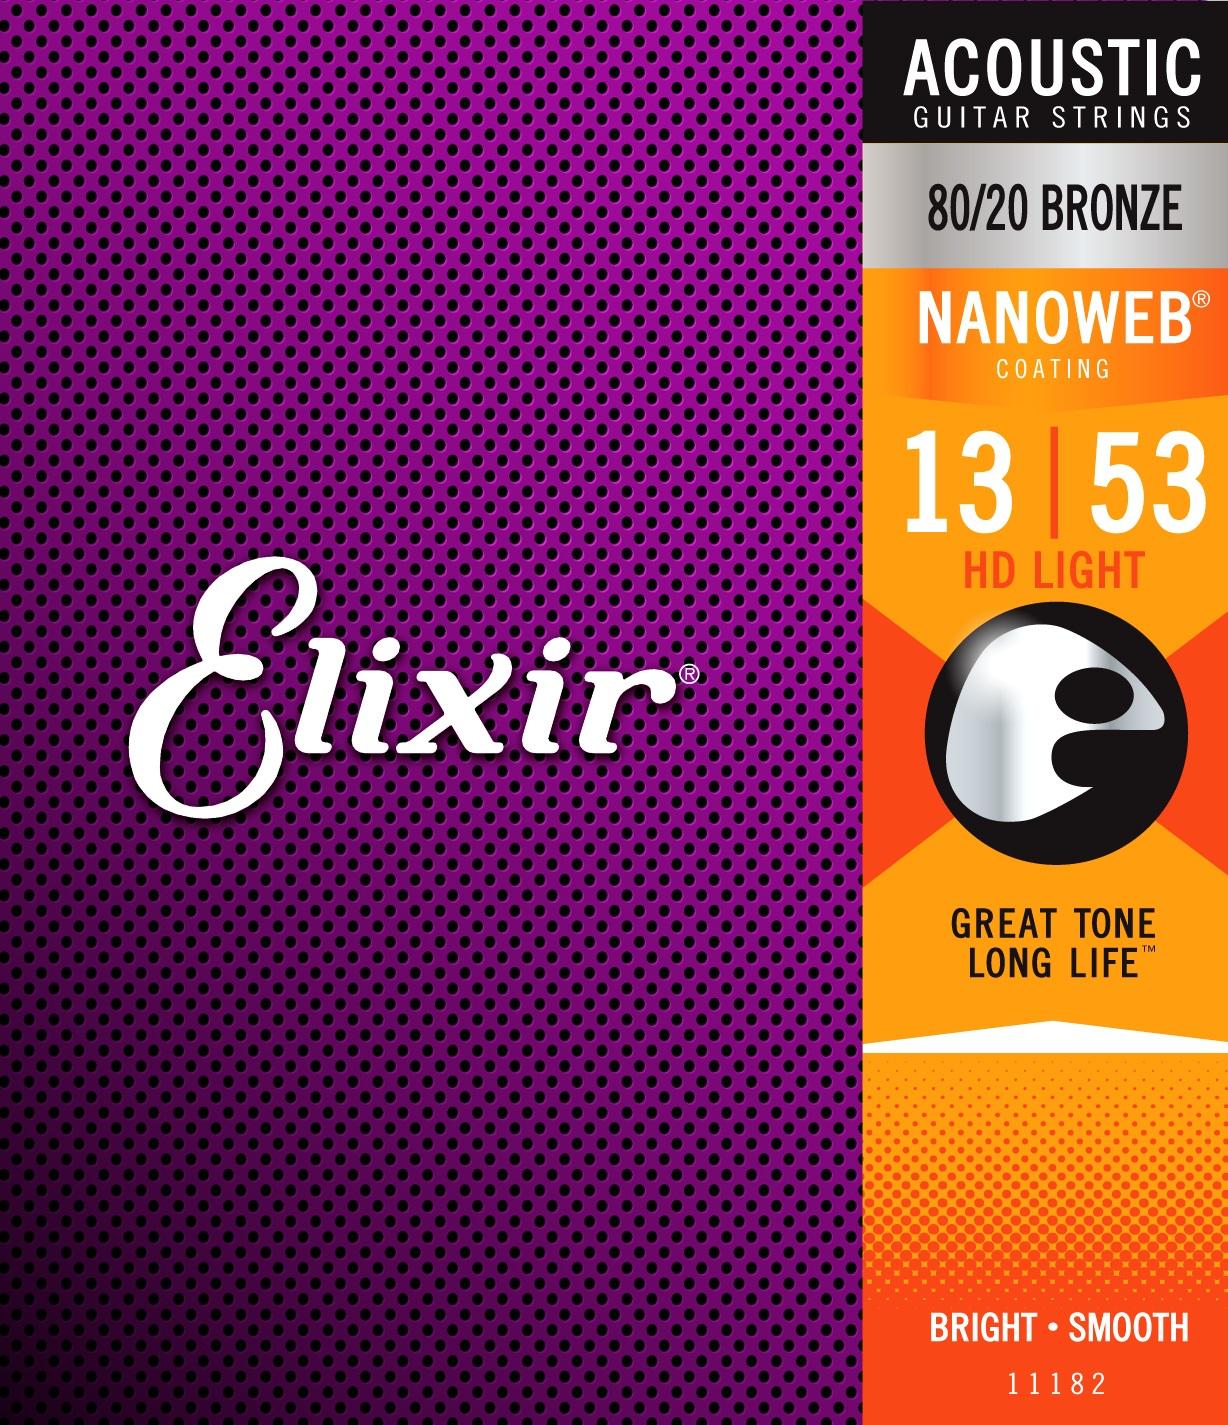 Elixir Nanoweb 80/20 Bronze HD Light